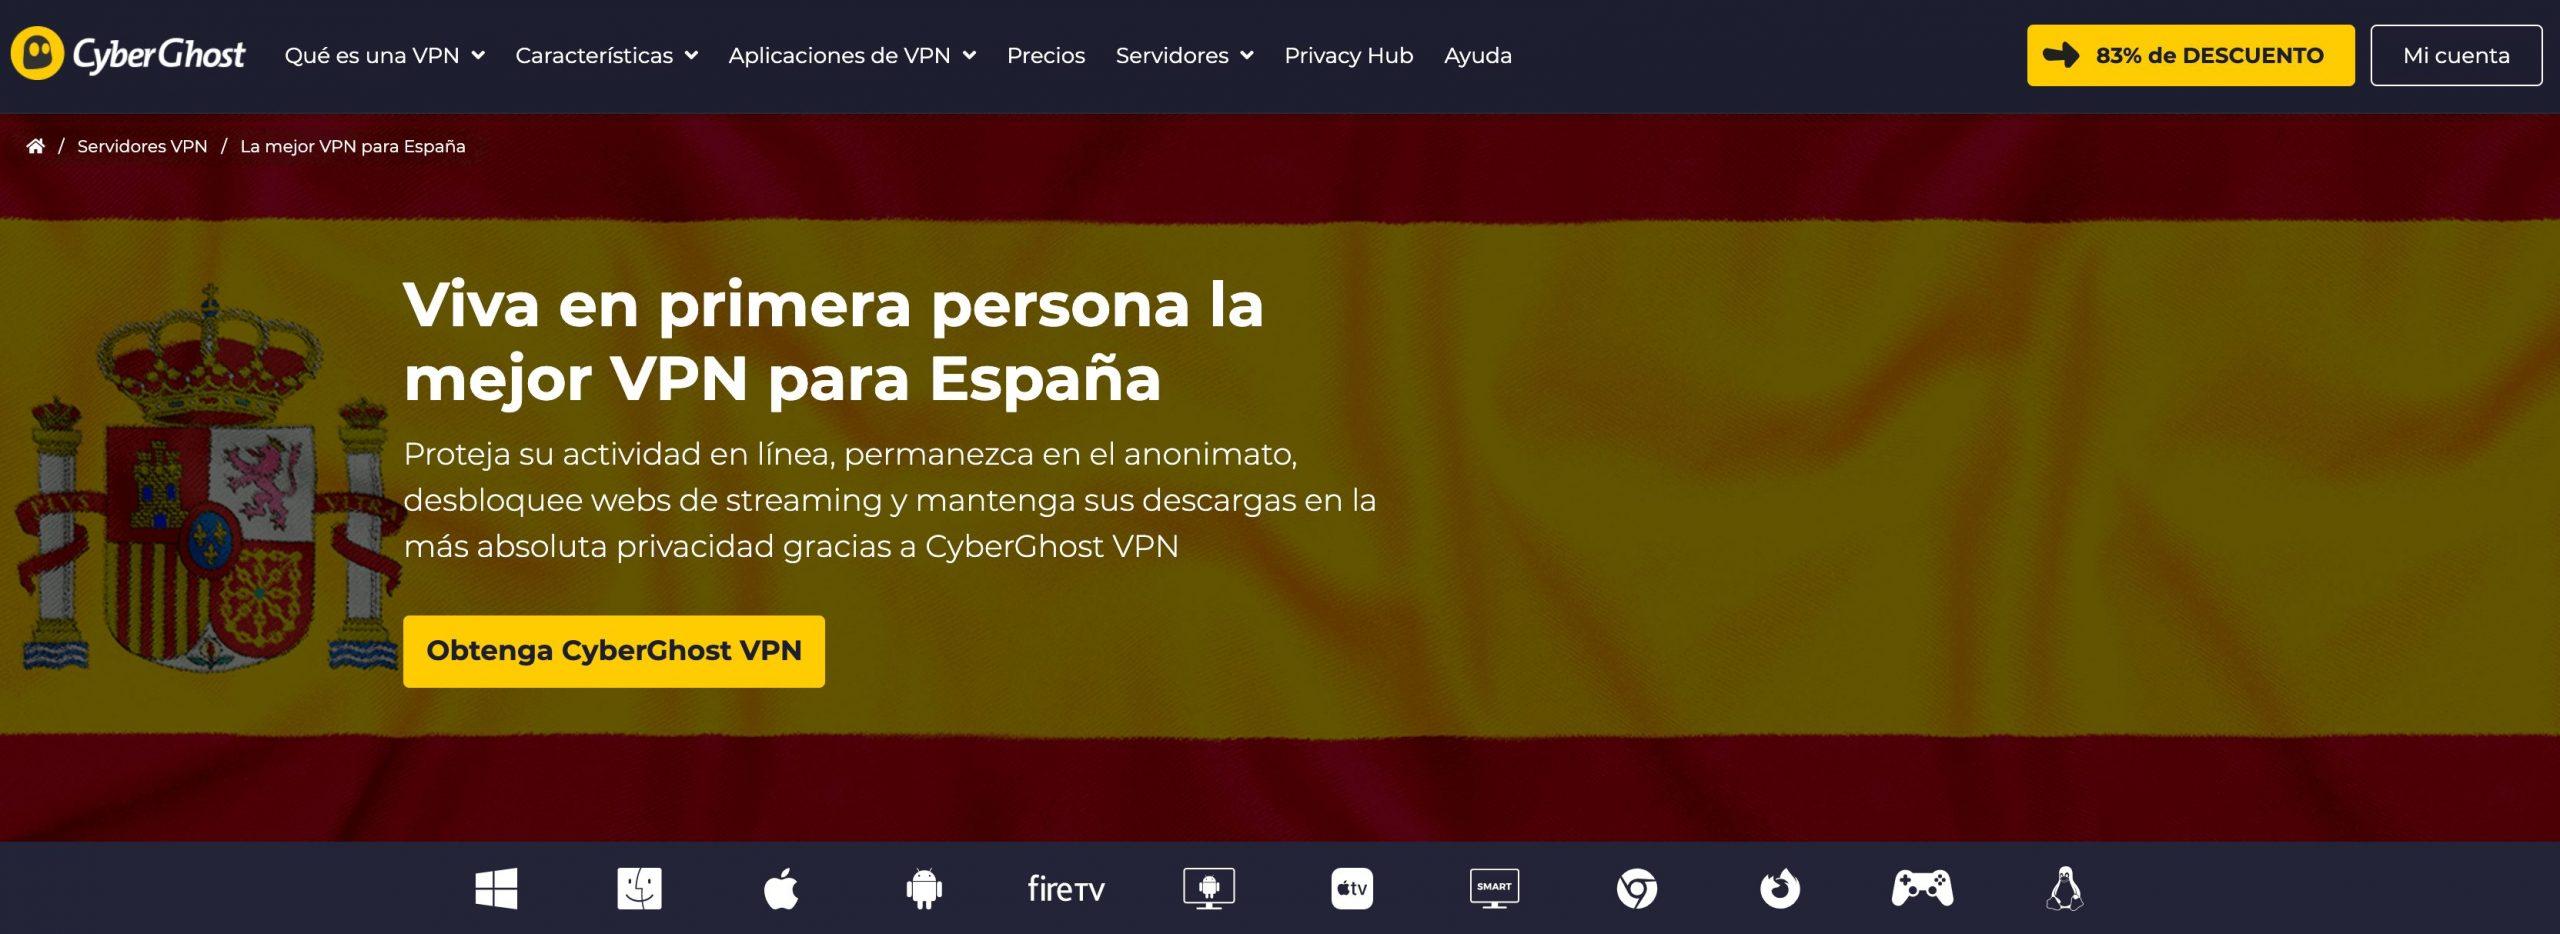 CyberGhost mejor VPN para España